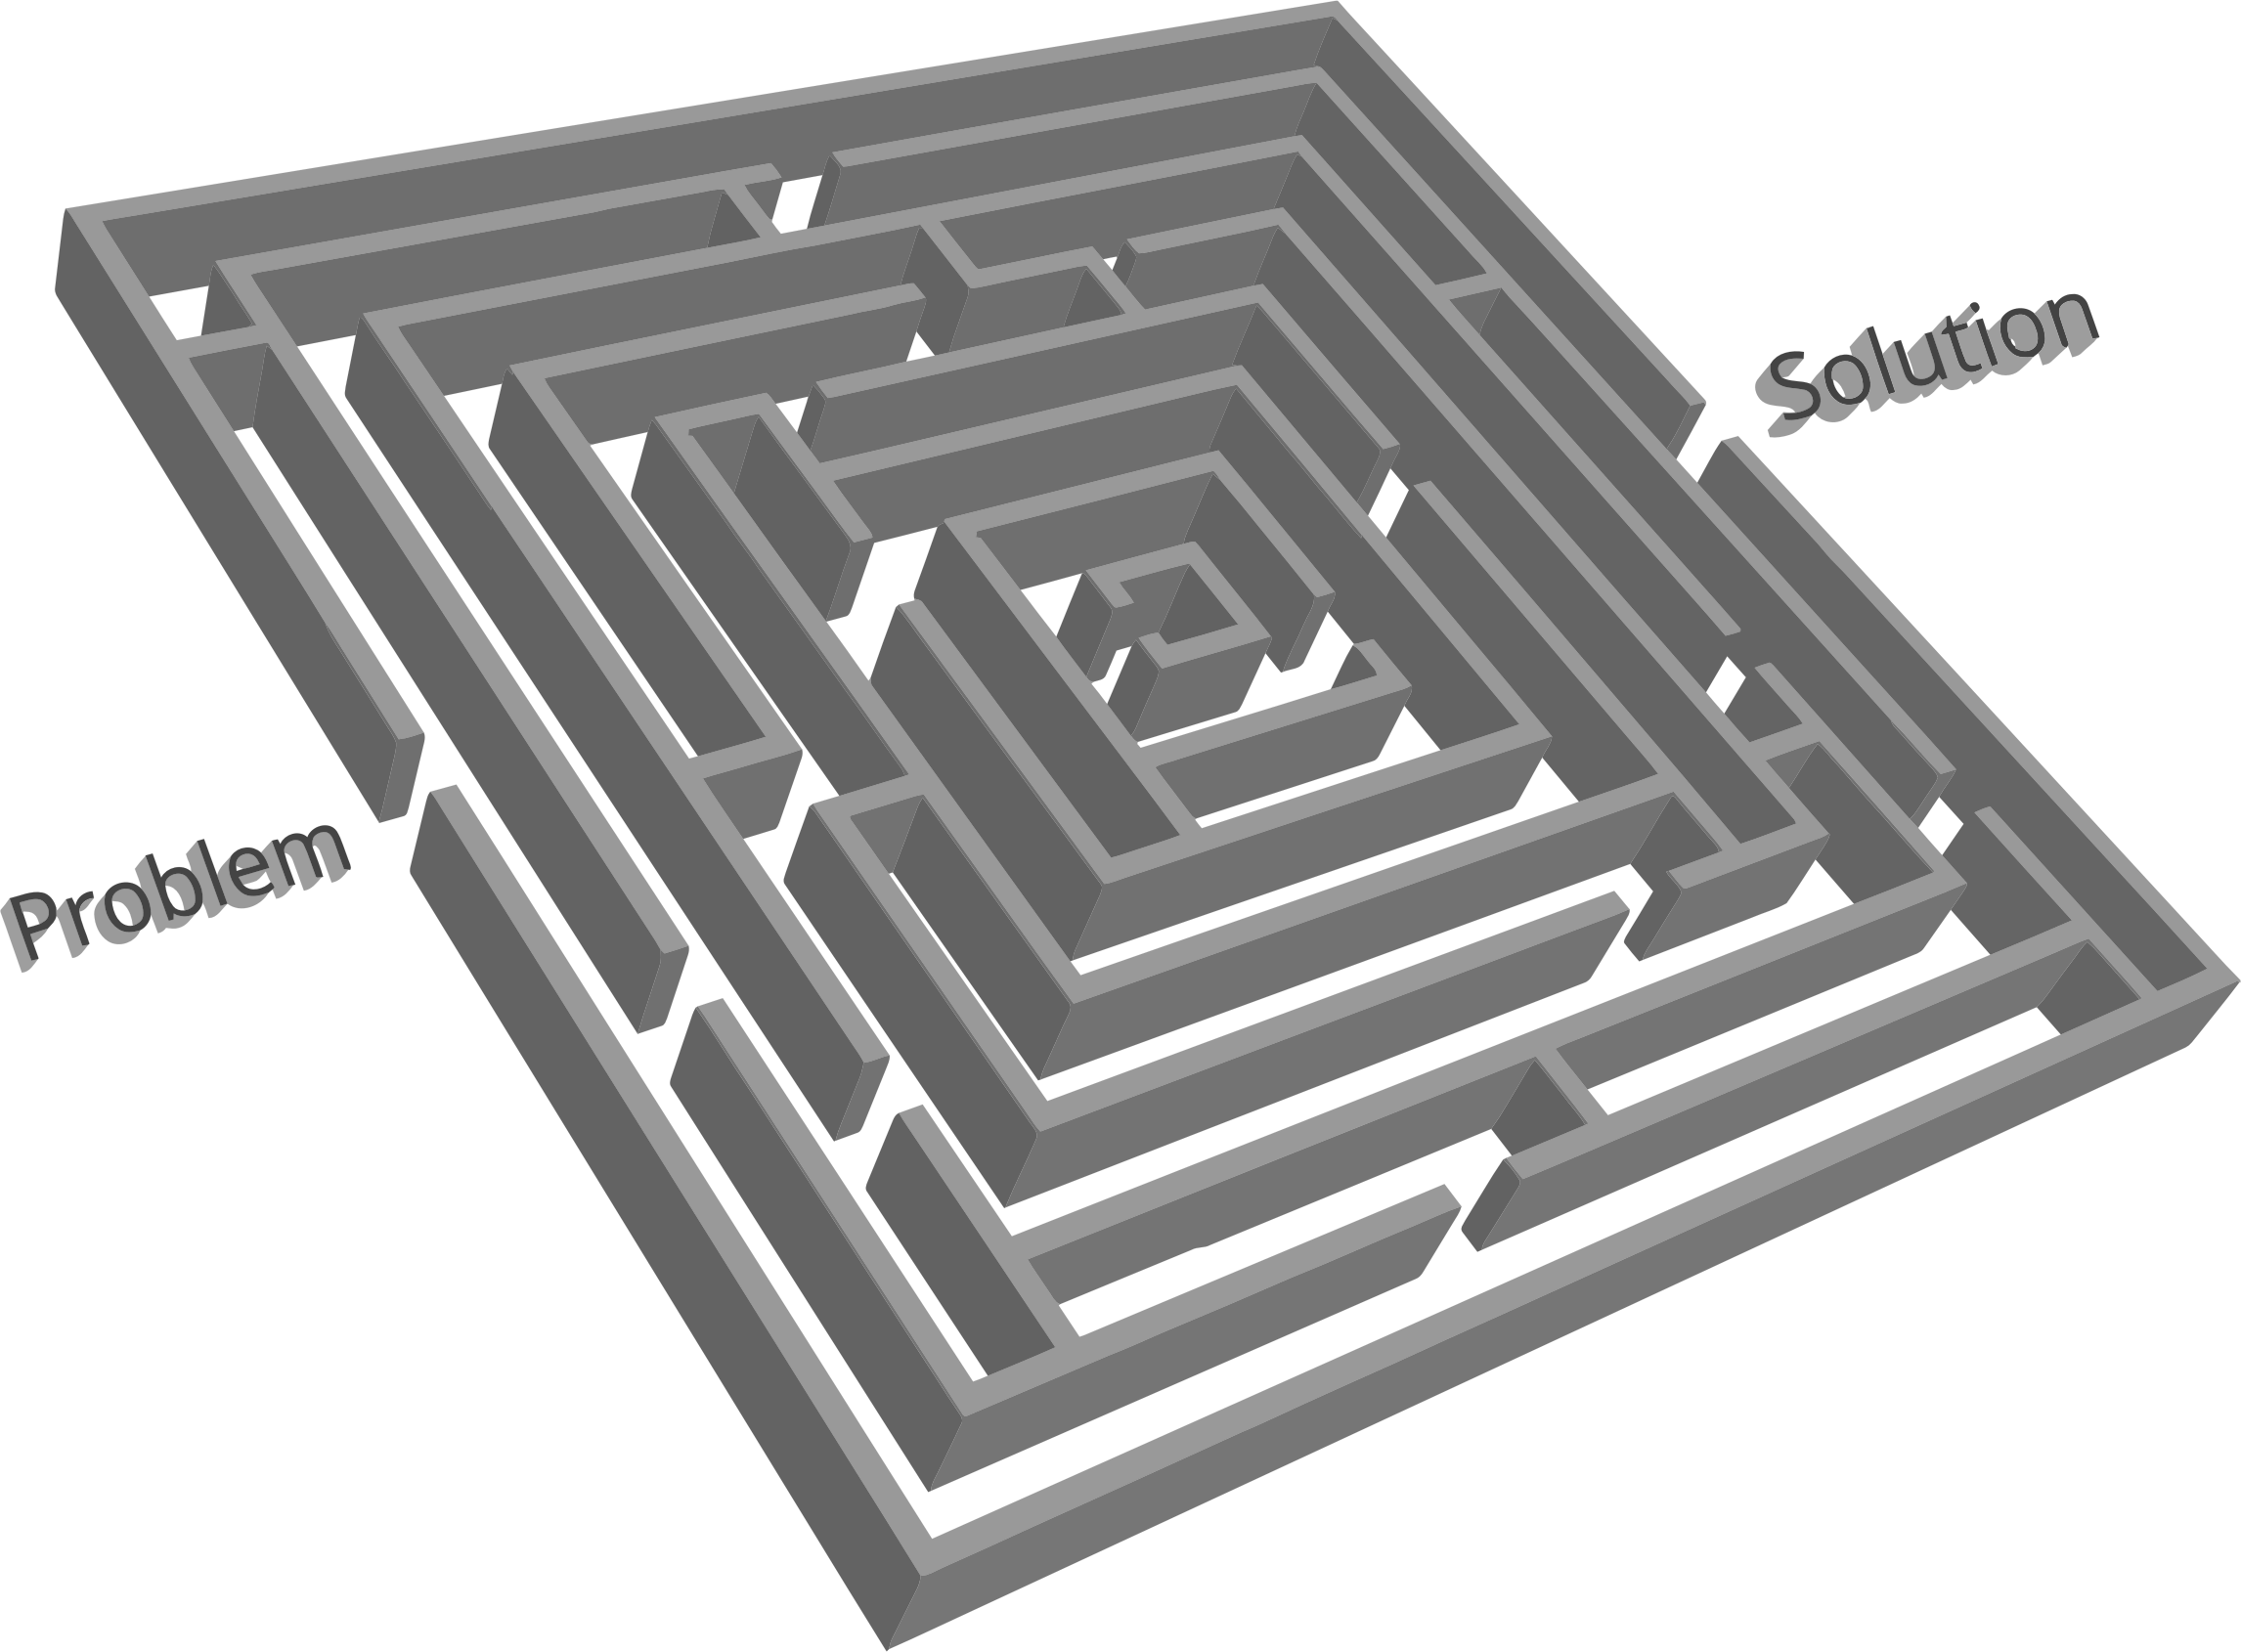 Puzzle clipart structure. D problem solution maze